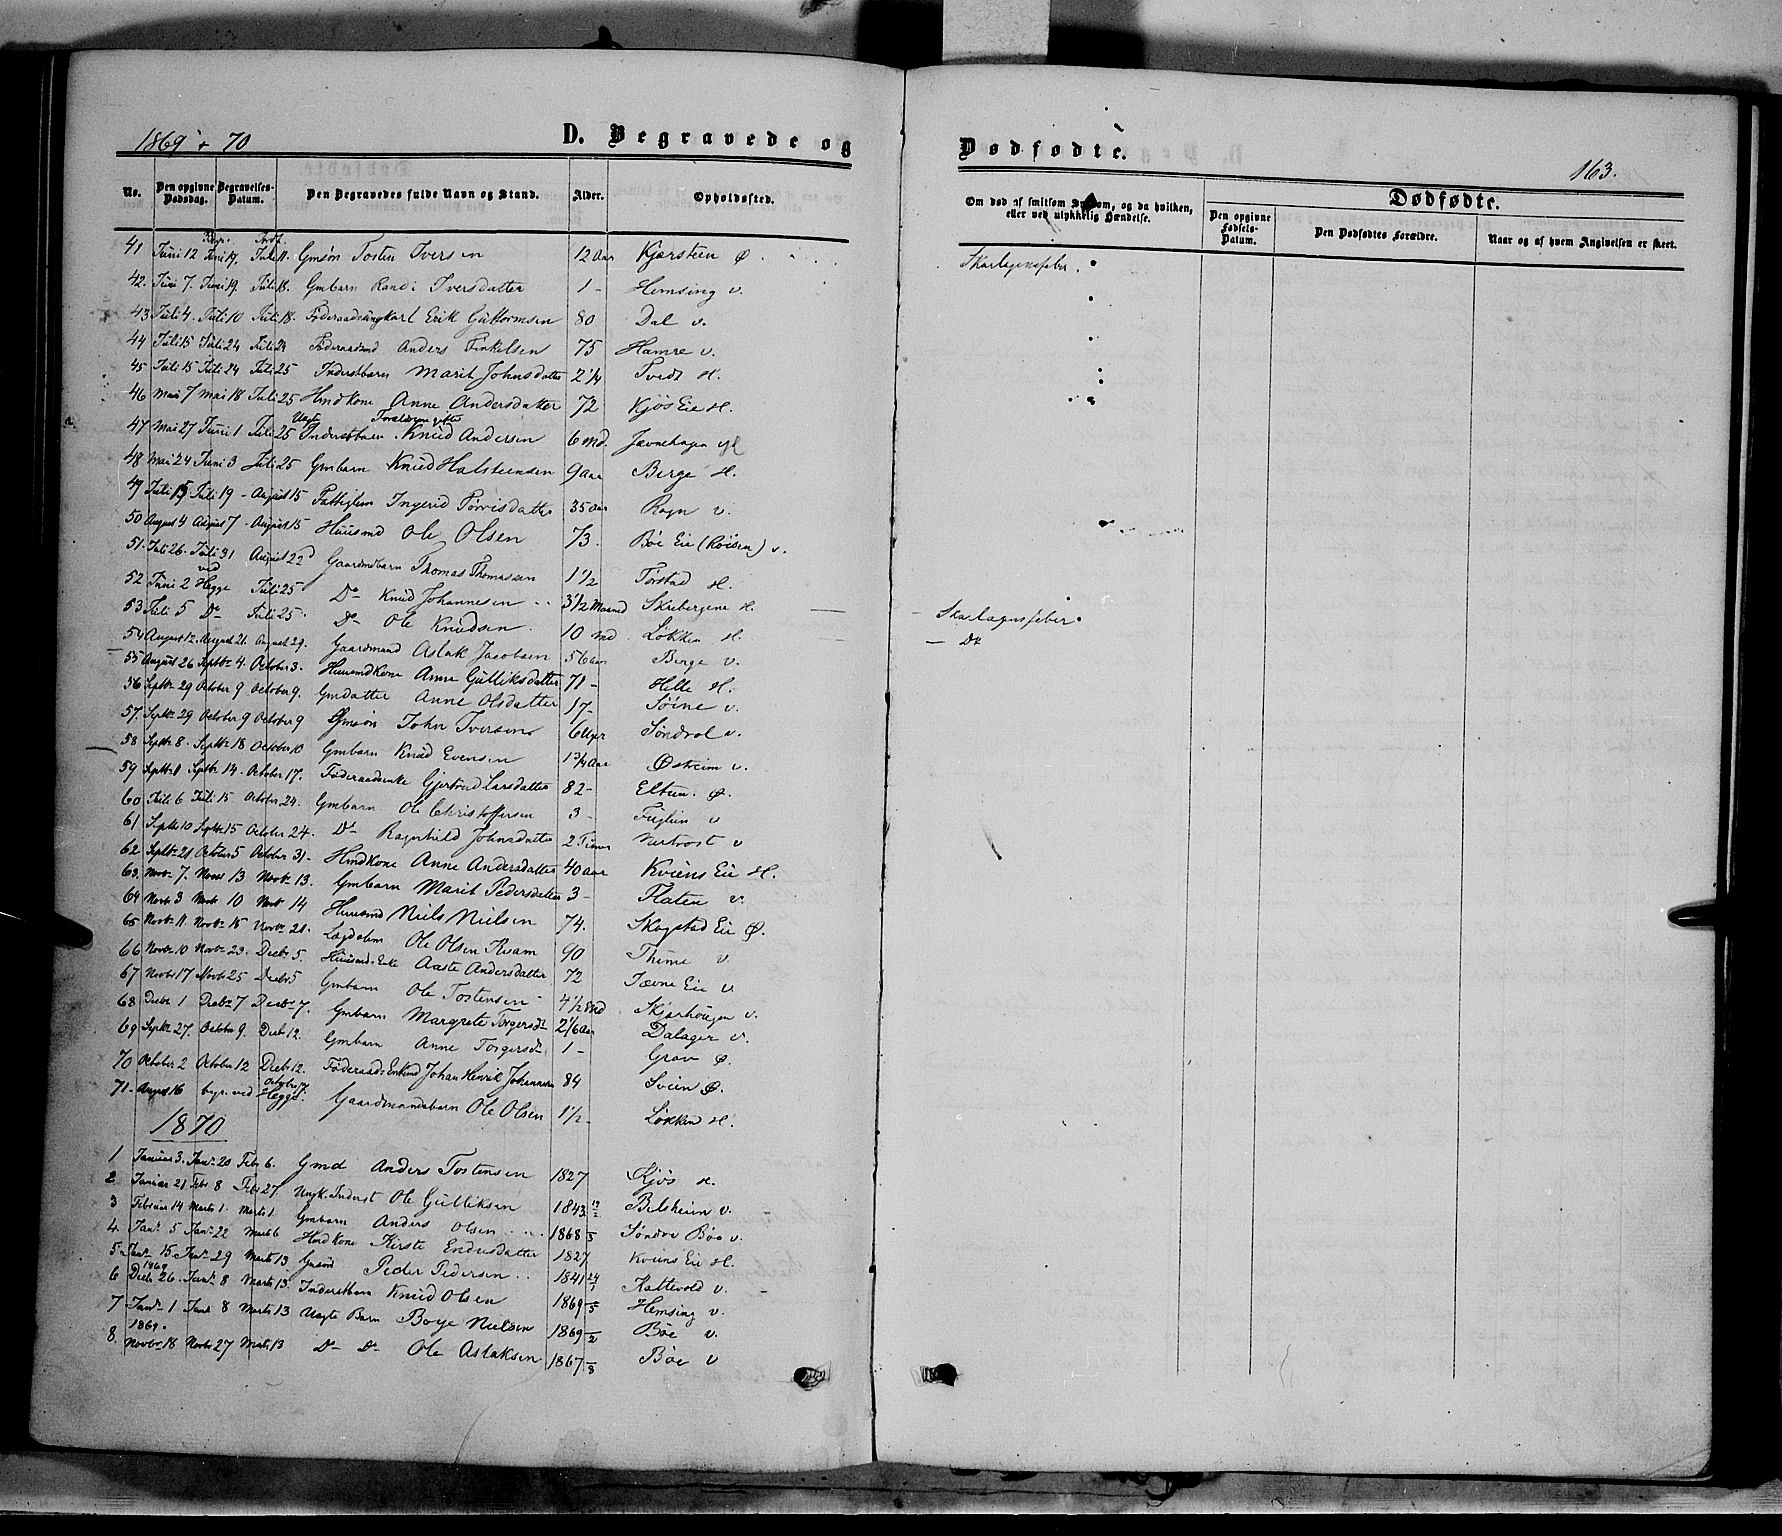 SAH, Vang prestekontor, Valdres, Ministerialbok nr. 7, 1865-1881, s. 163